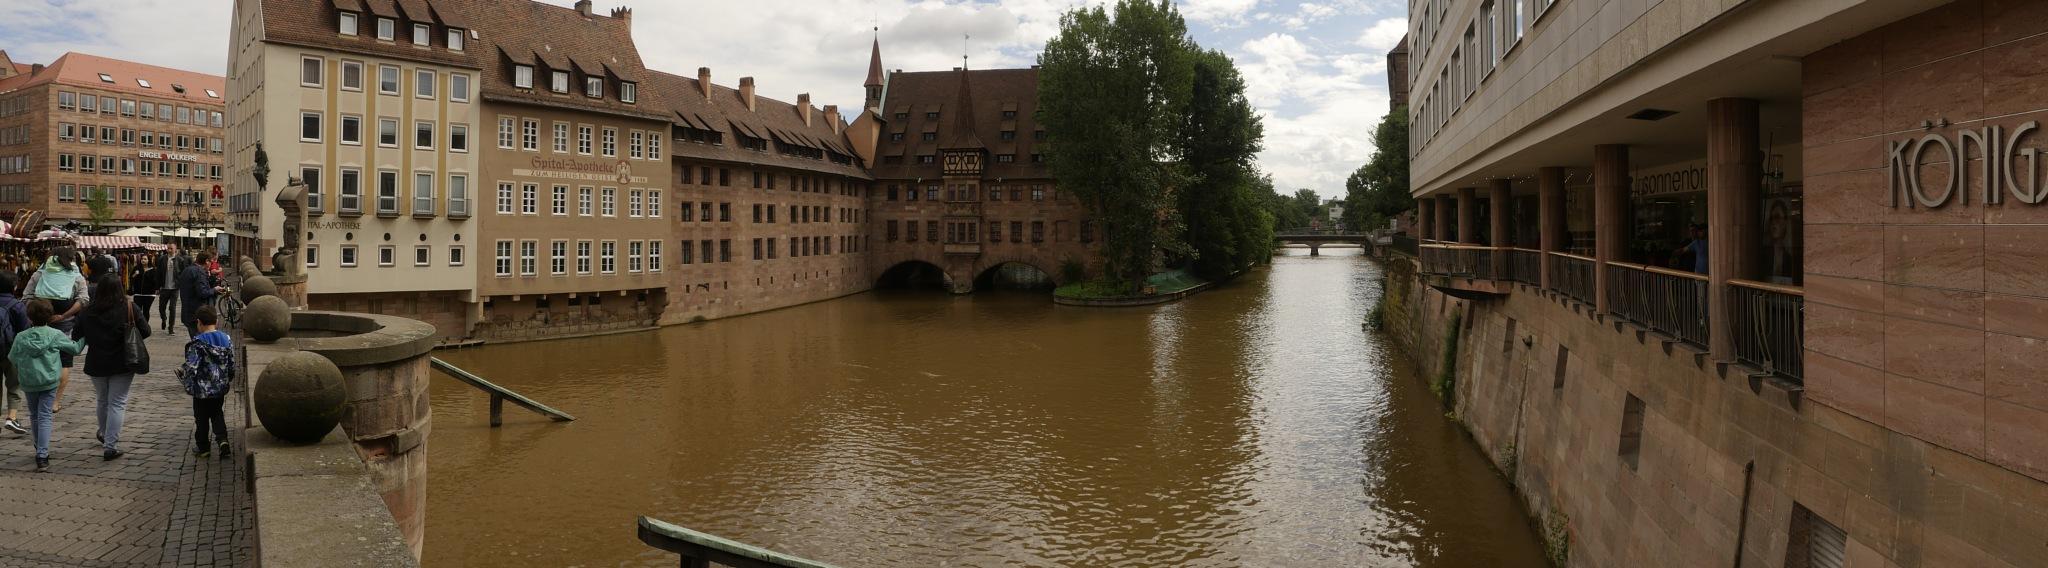 Bridge in Nuremberg by Peter Blaha